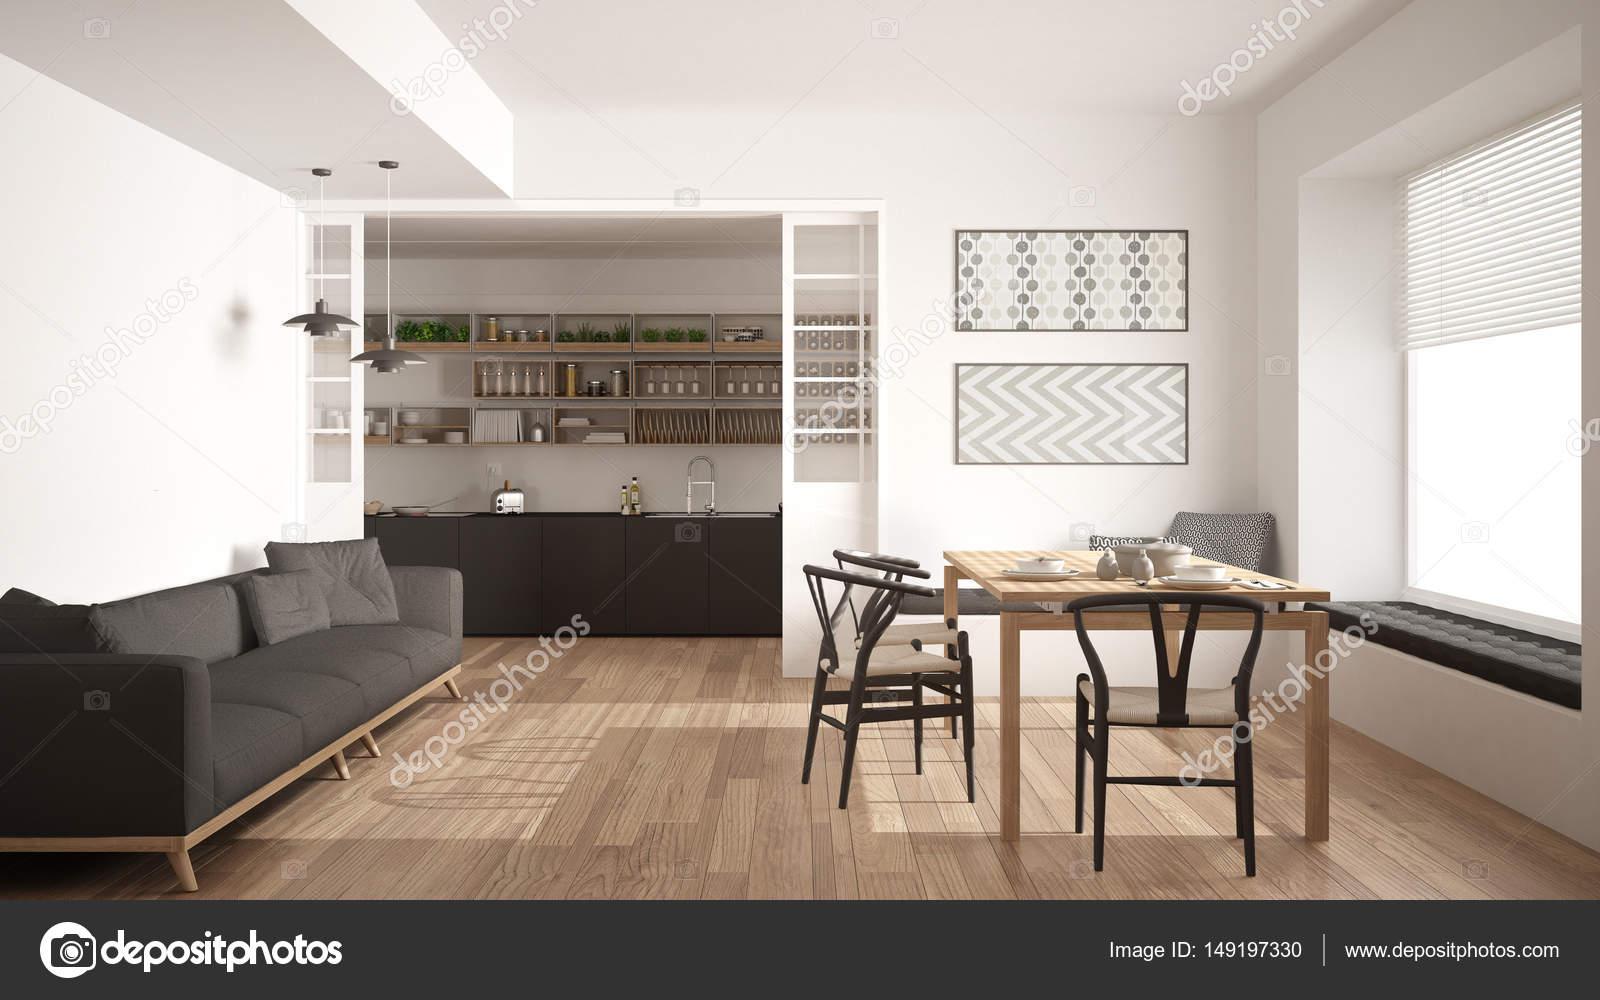 Minimalistische Küche und Wohnzimmer mit Sofa, Tisch und Stühlen ...